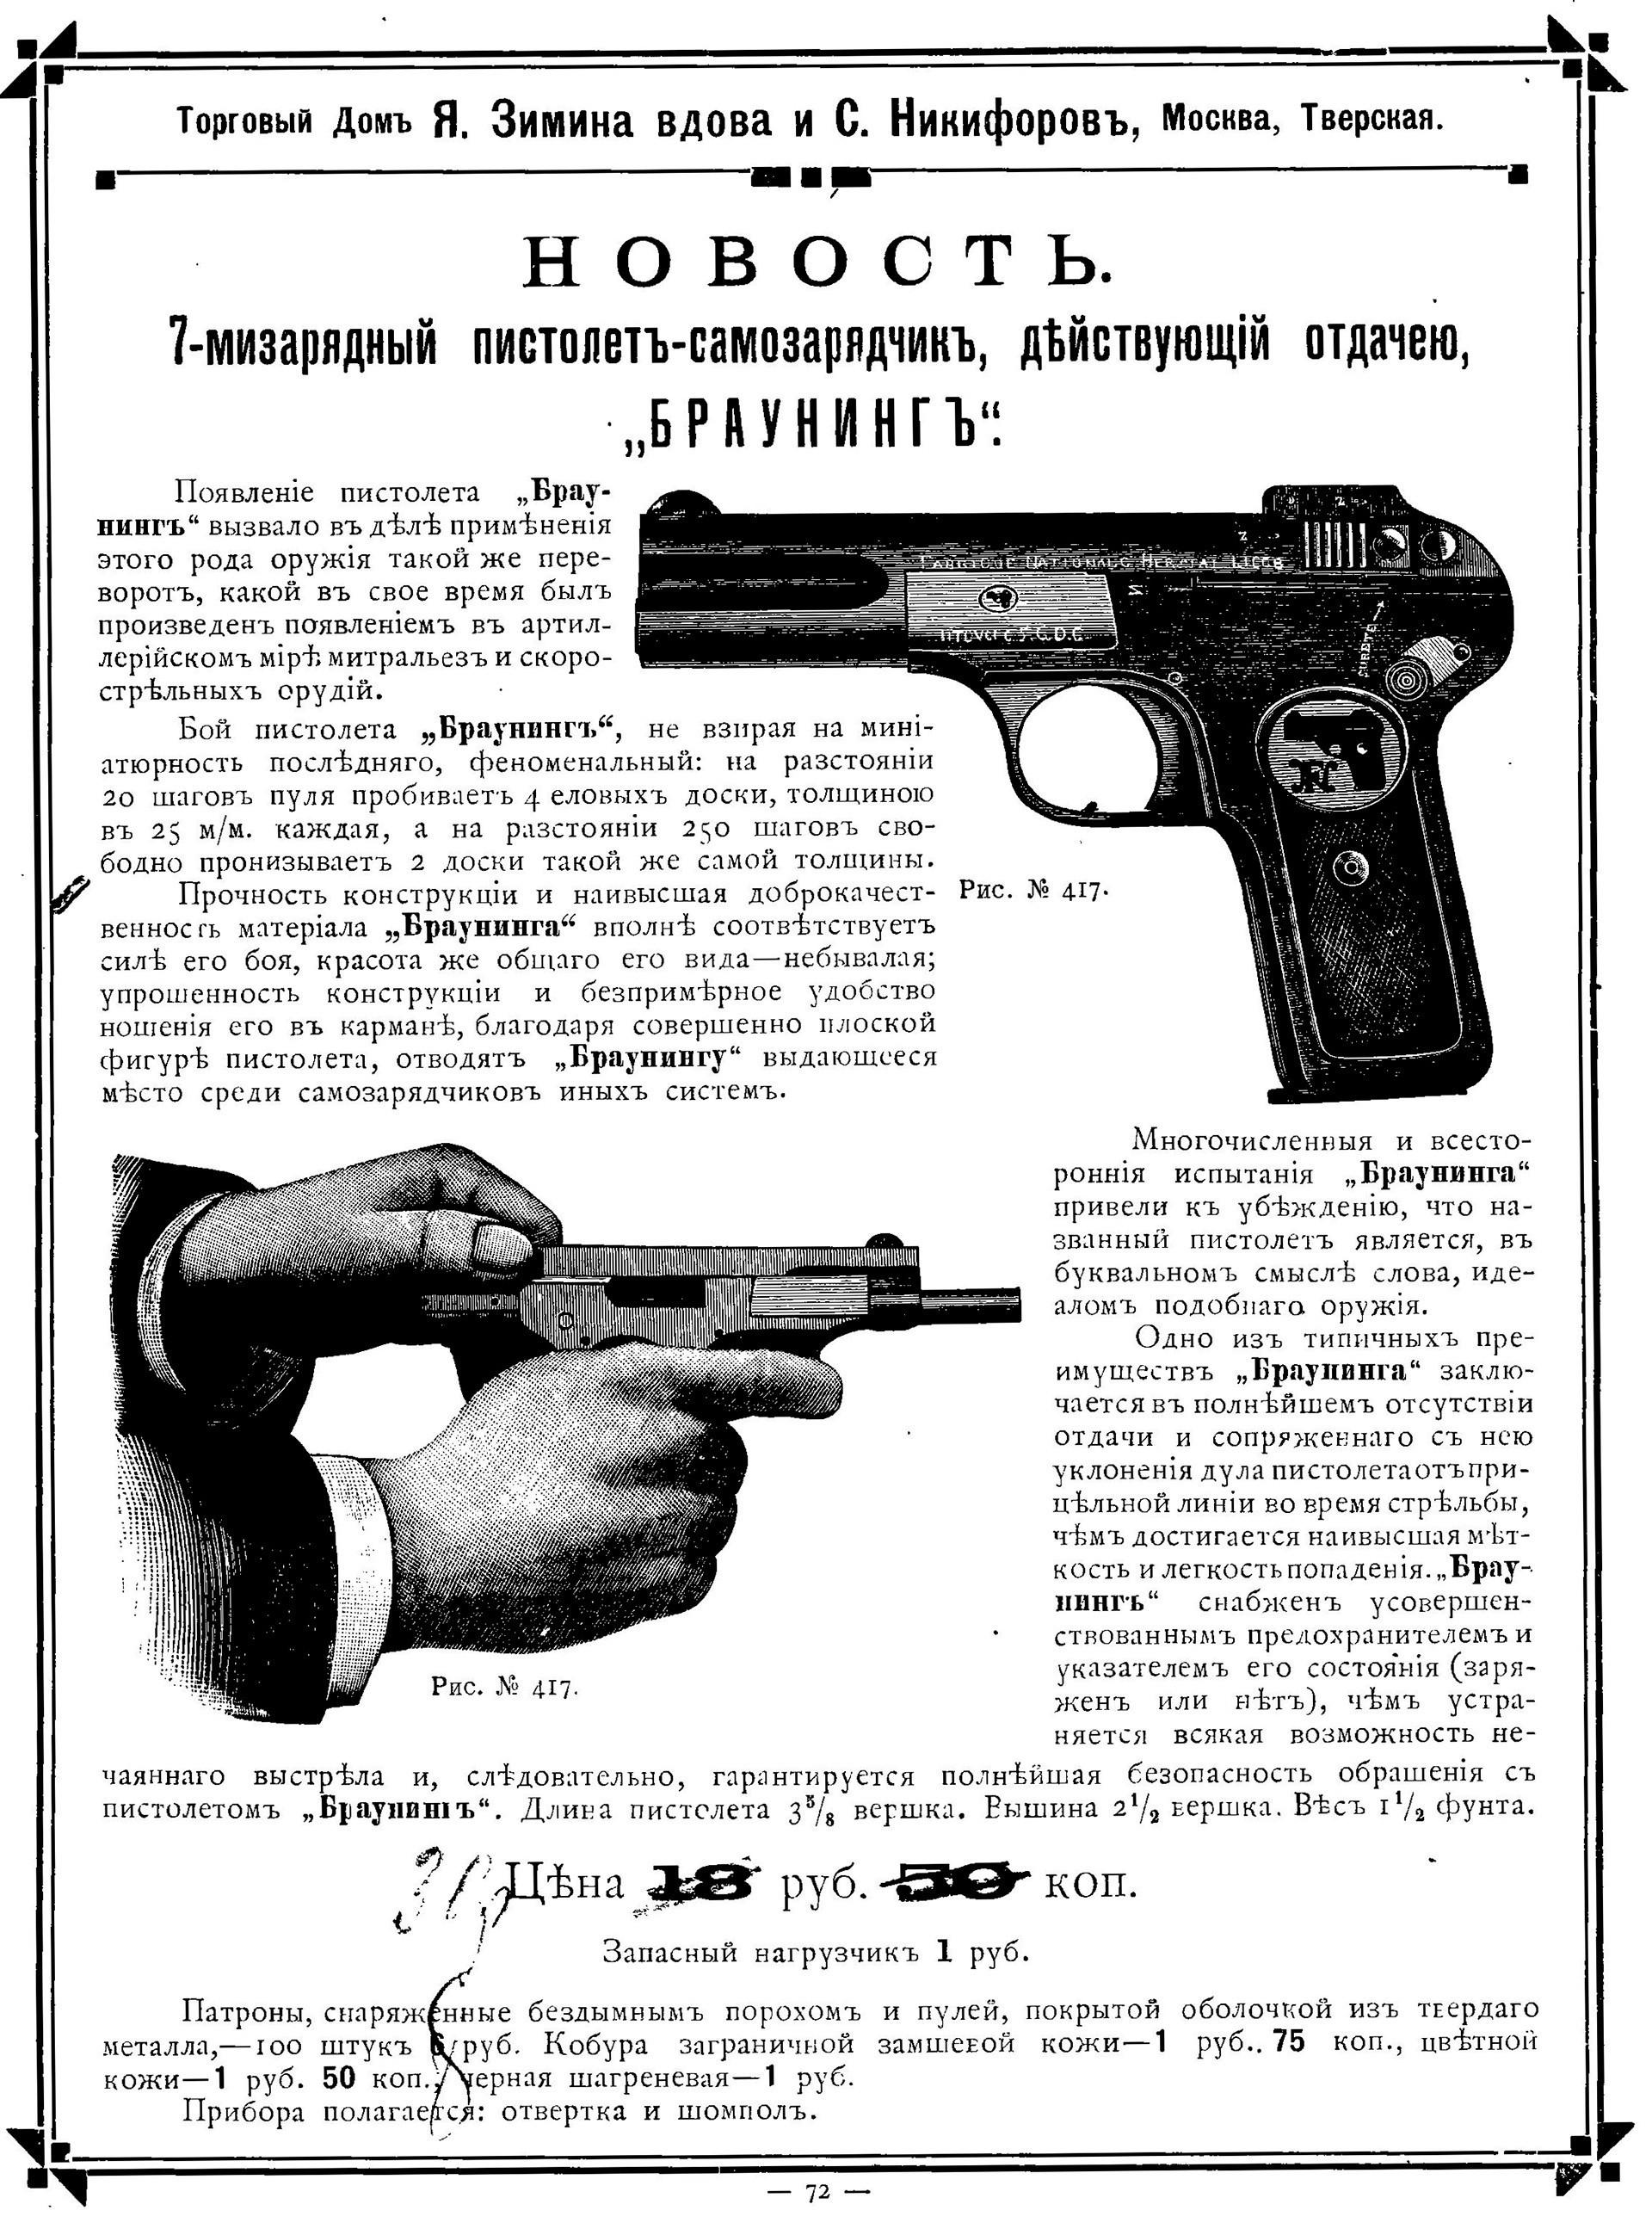 Koran-koran mengiklankan model-model pistol dari merek seperti Brownings, Nagants, Mausers, dan lainnya. Mereka sangat populer karena murah.